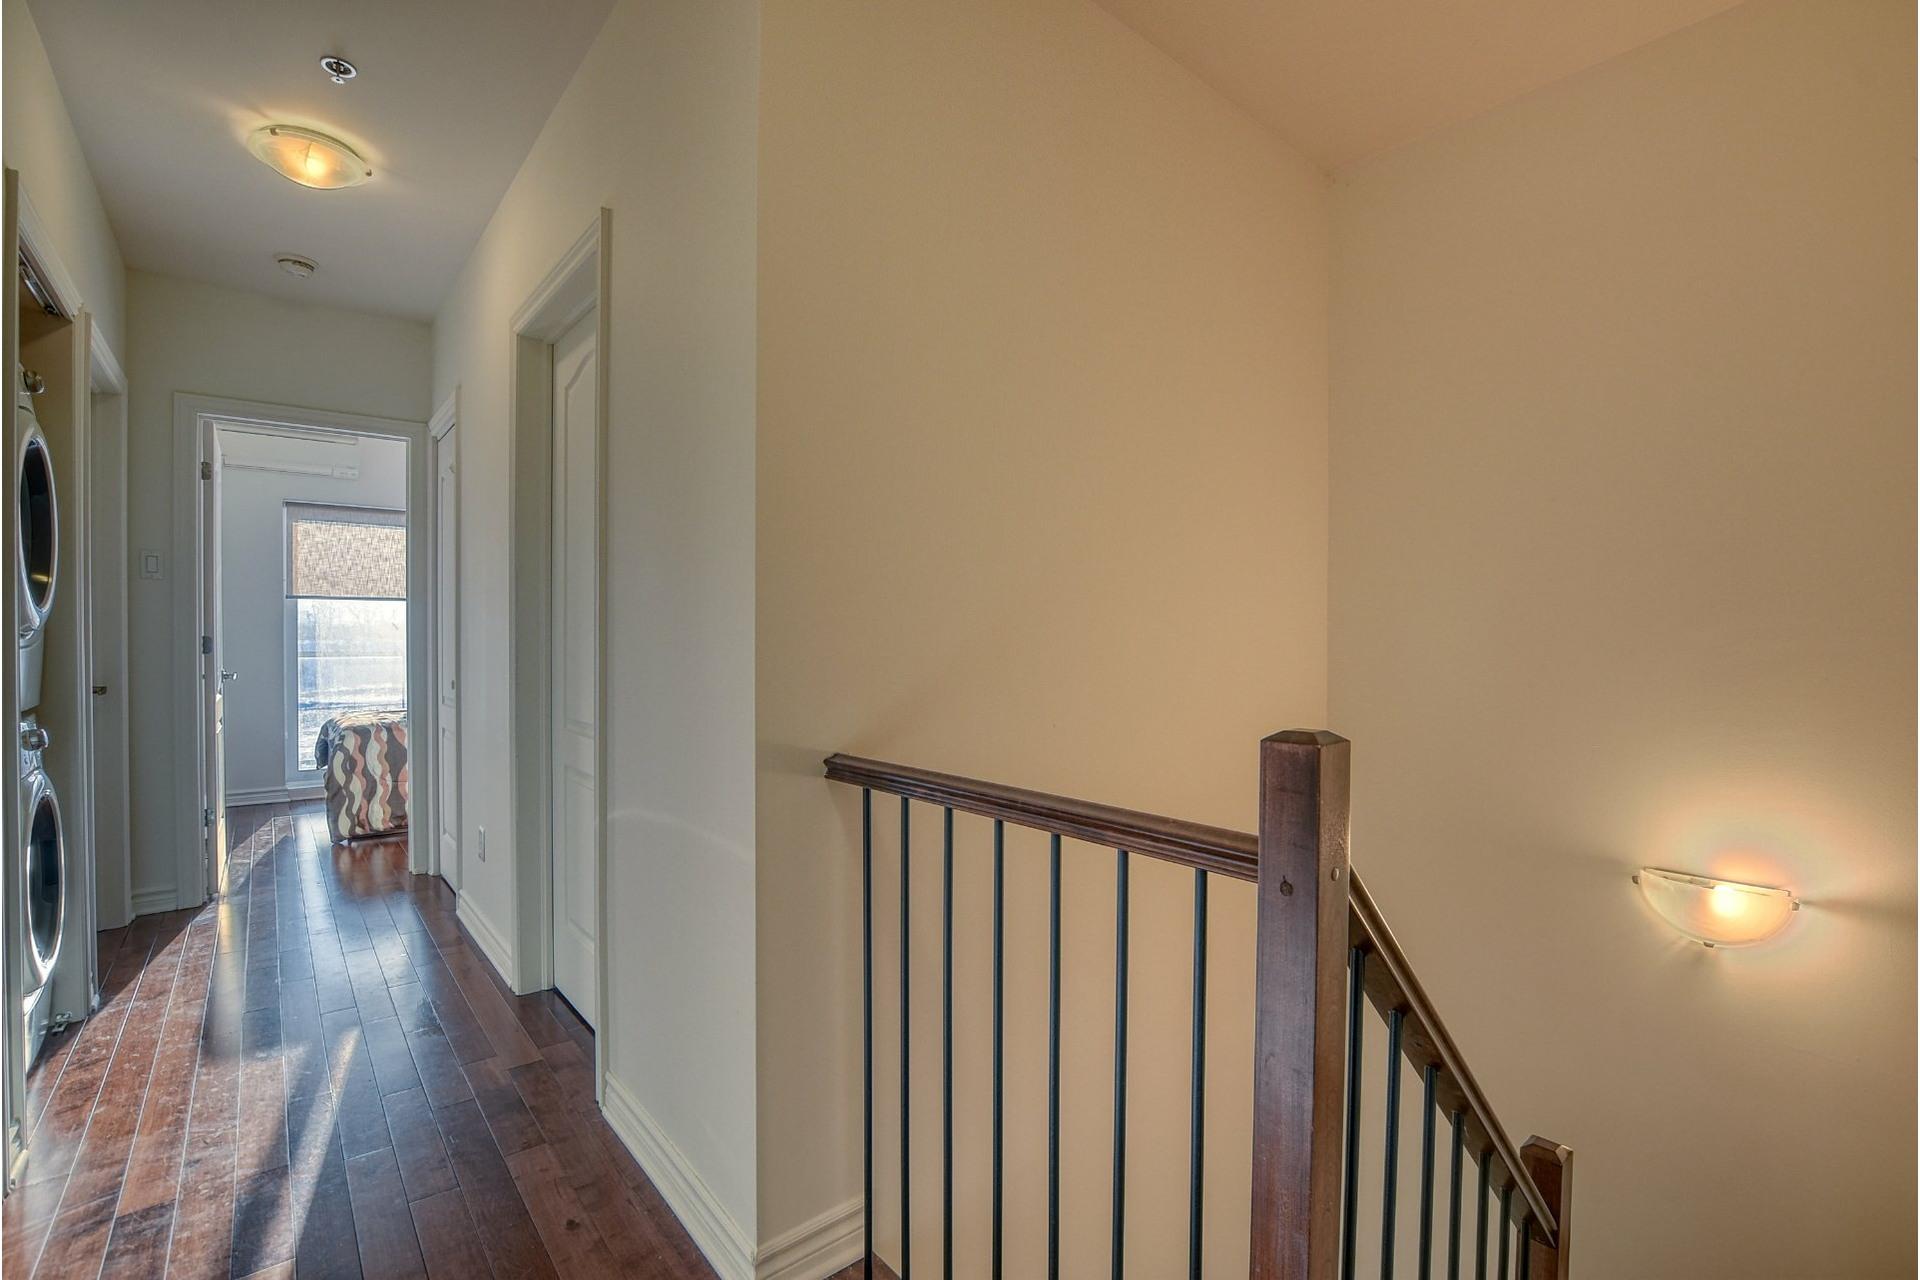 image 11 - Apartment For sale Saint-Laurent Montréal  - 7 rooms